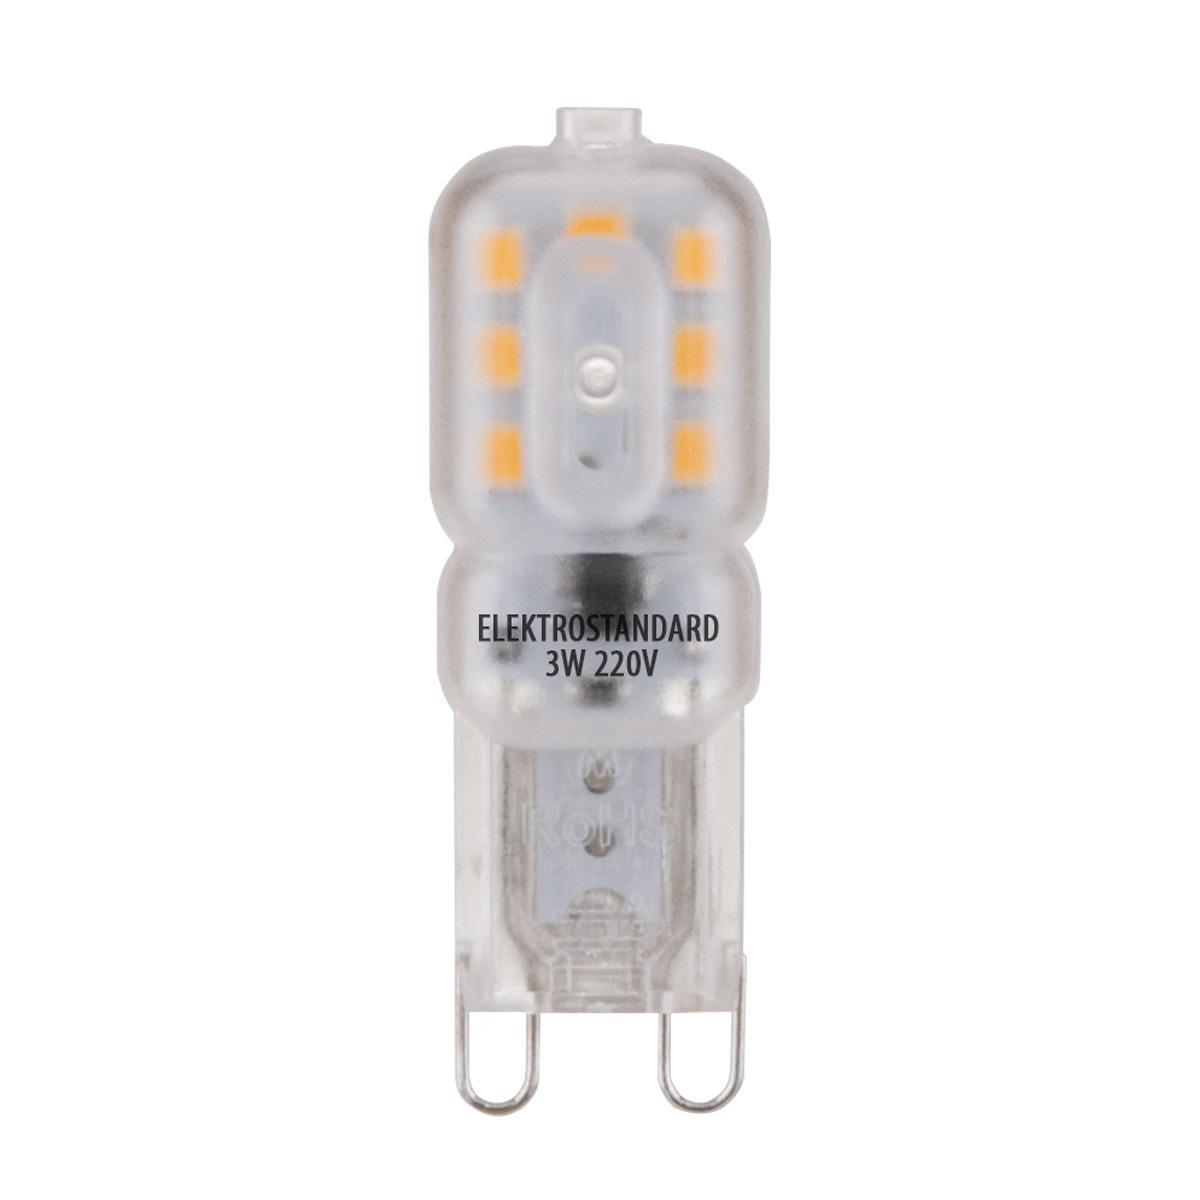 G9 LED 3W 220V 3300K